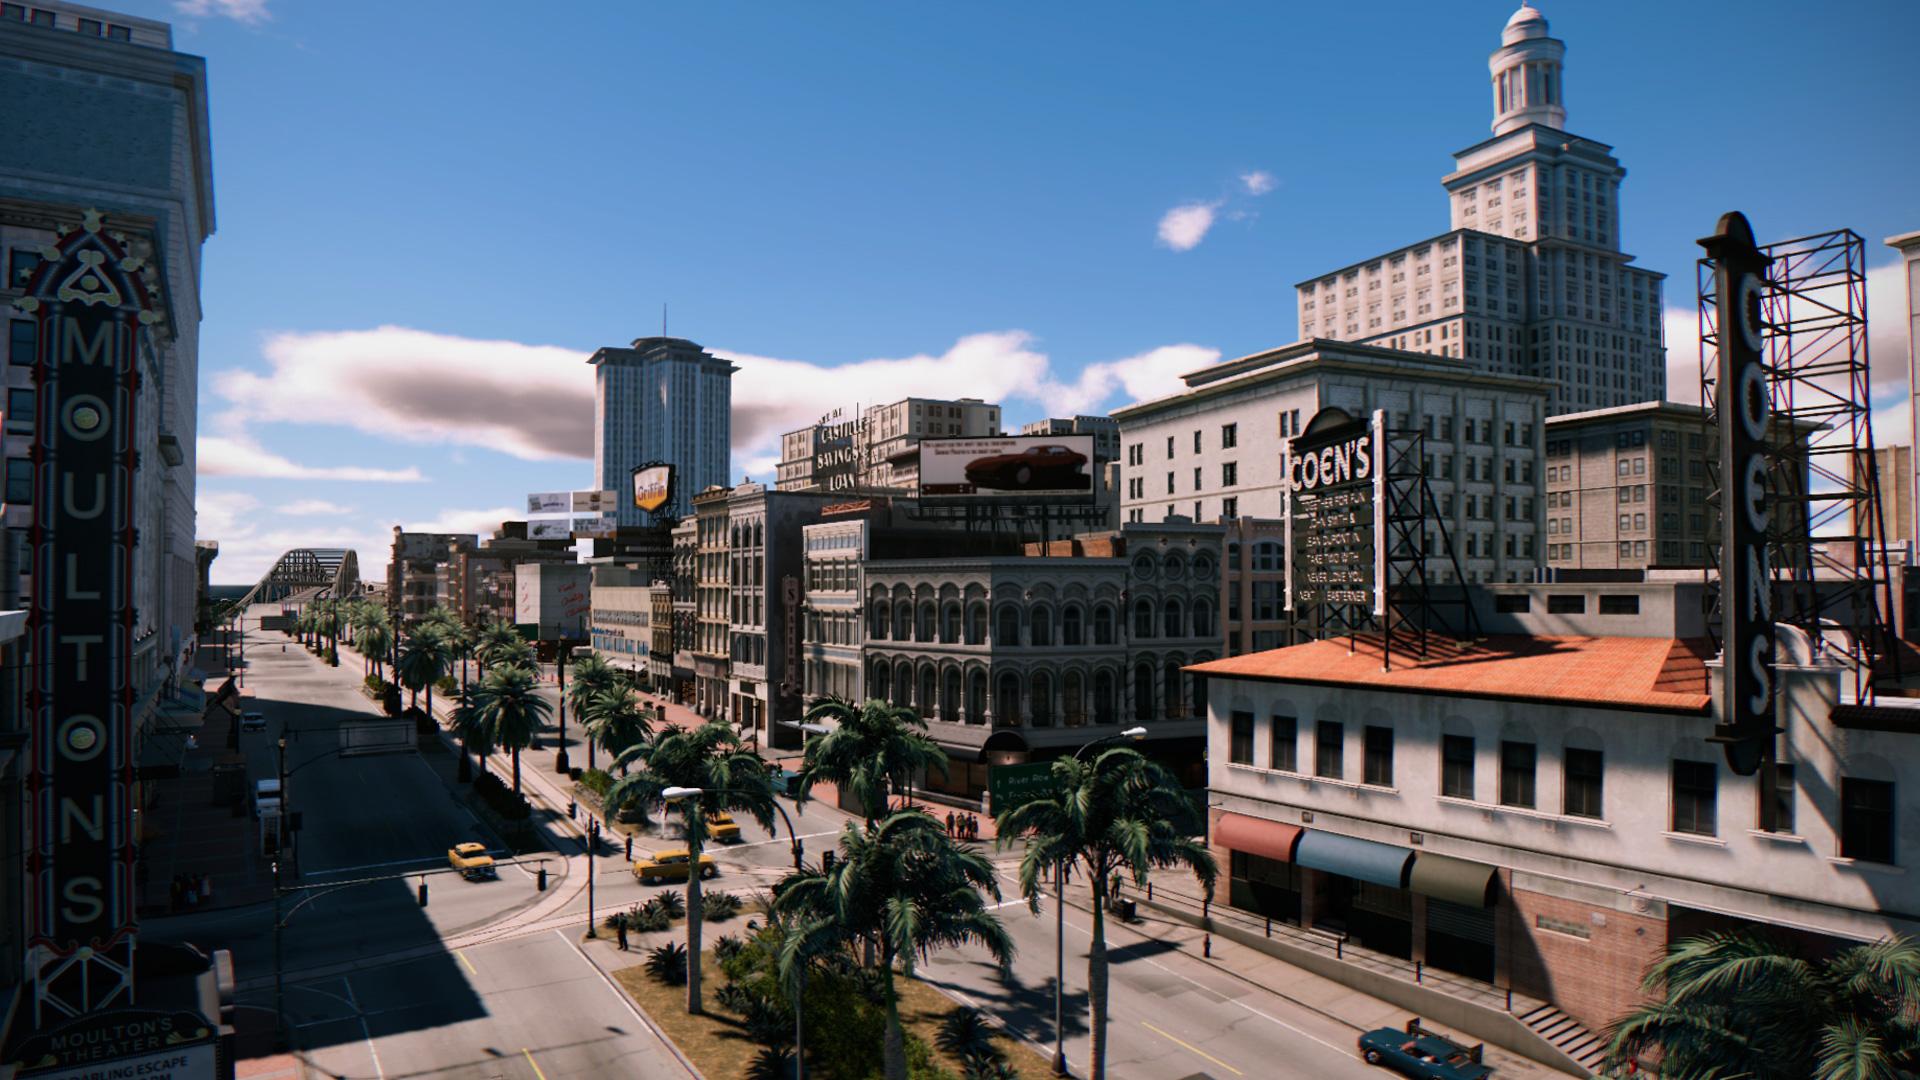 Byen er på alle måter herlig presentert på alle måter.